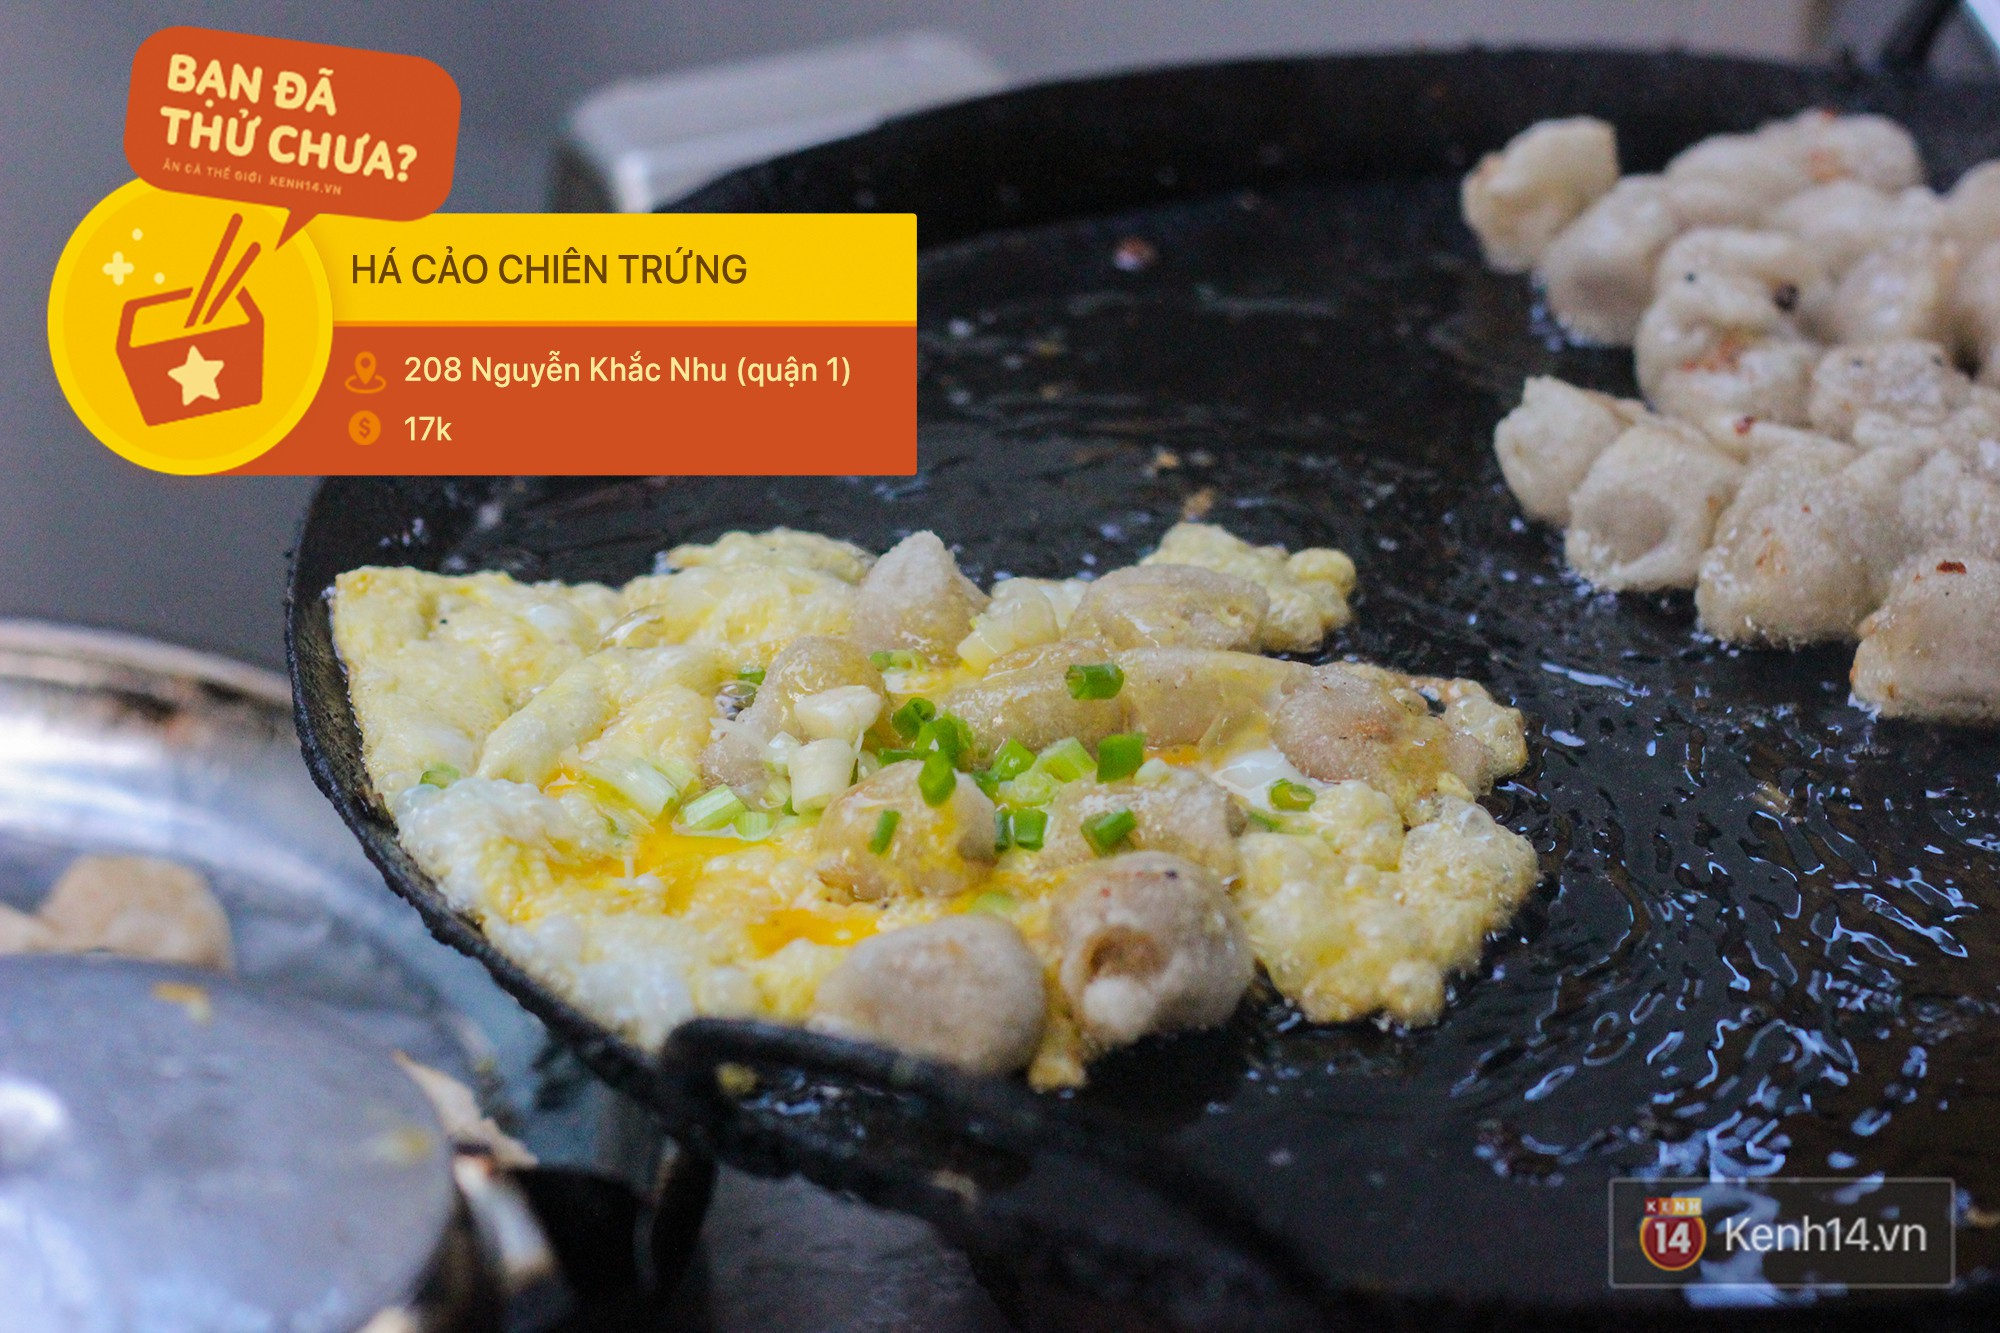 Sài Gòn có những món chẳng thể làm nên chuyện nếu thiếu đi trứng chiên cùng - Ảnh 6.